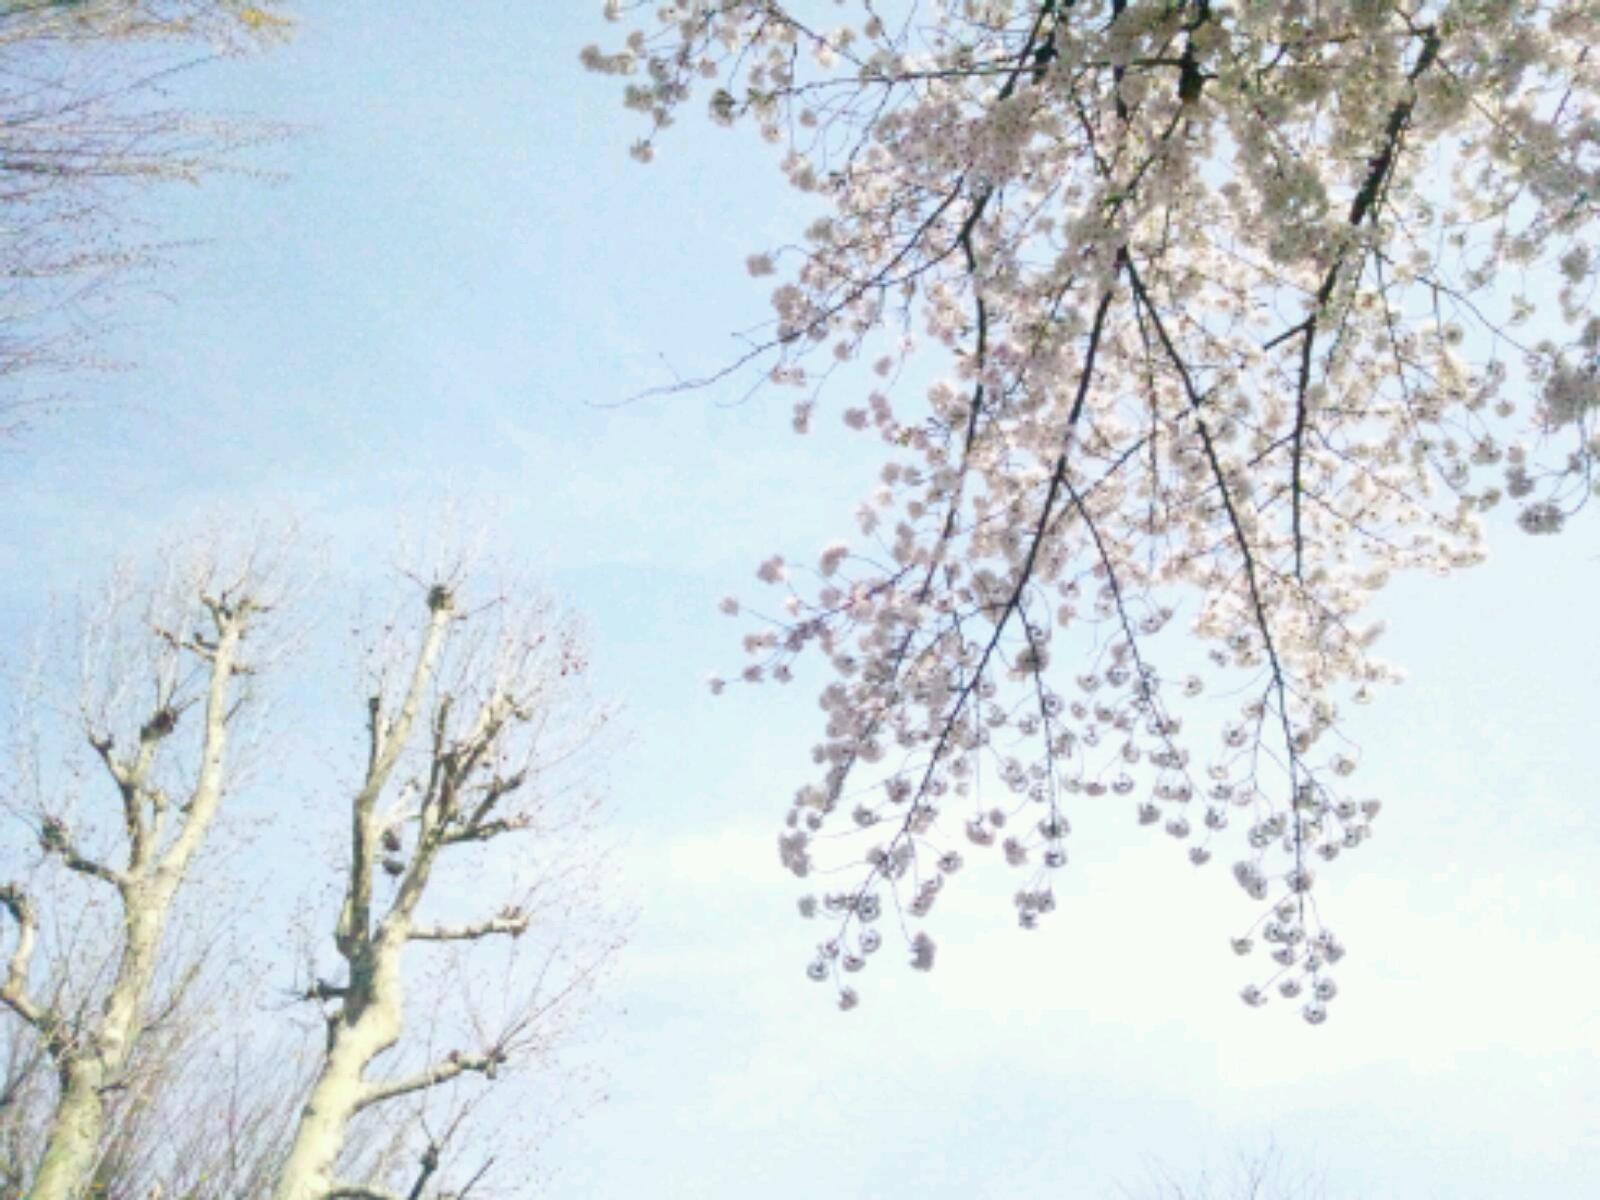 桜満開ですね。